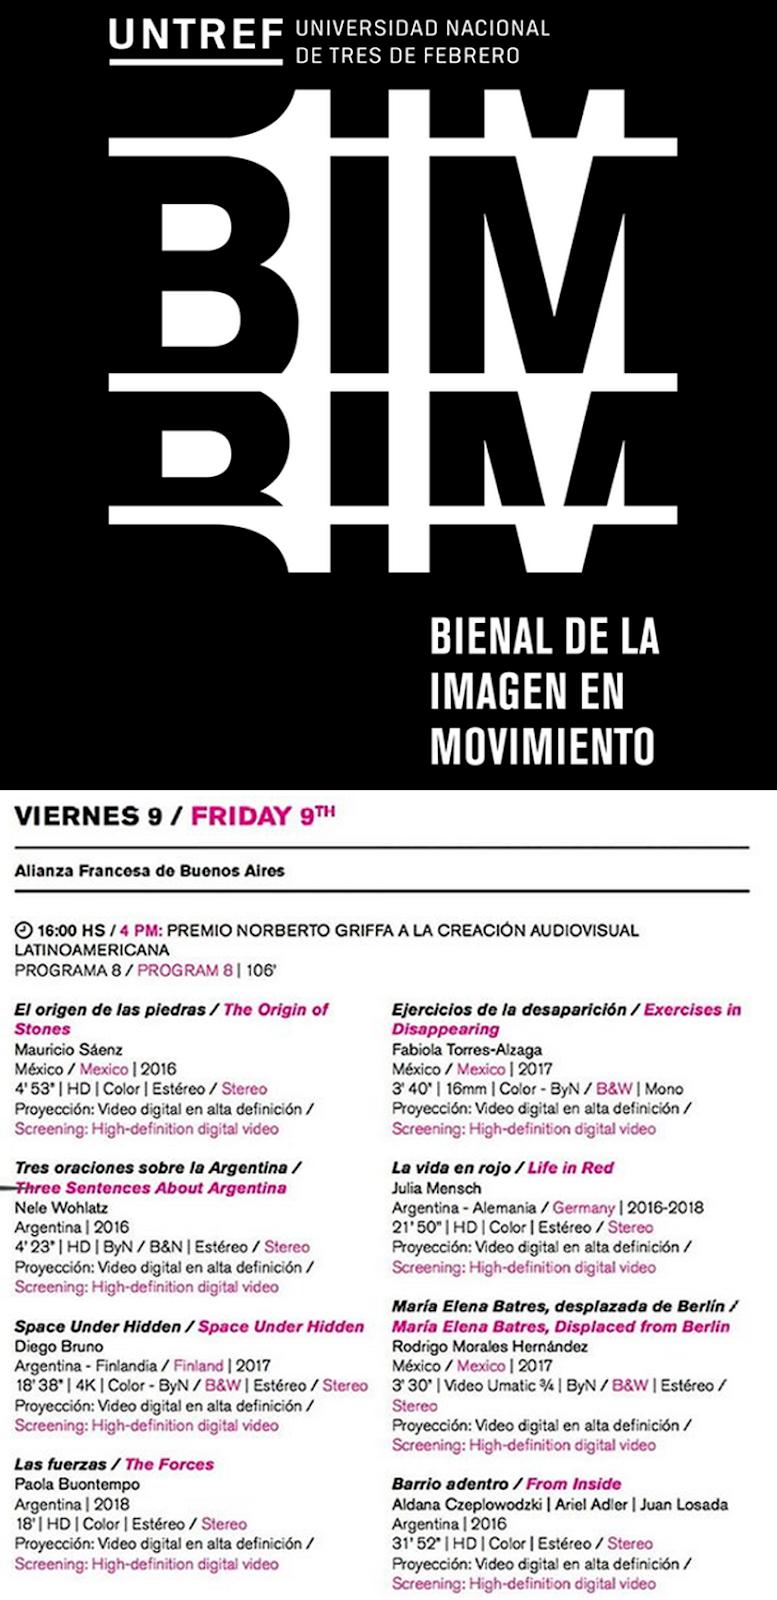 BIM - Bienal de la Imagen en Movimiento